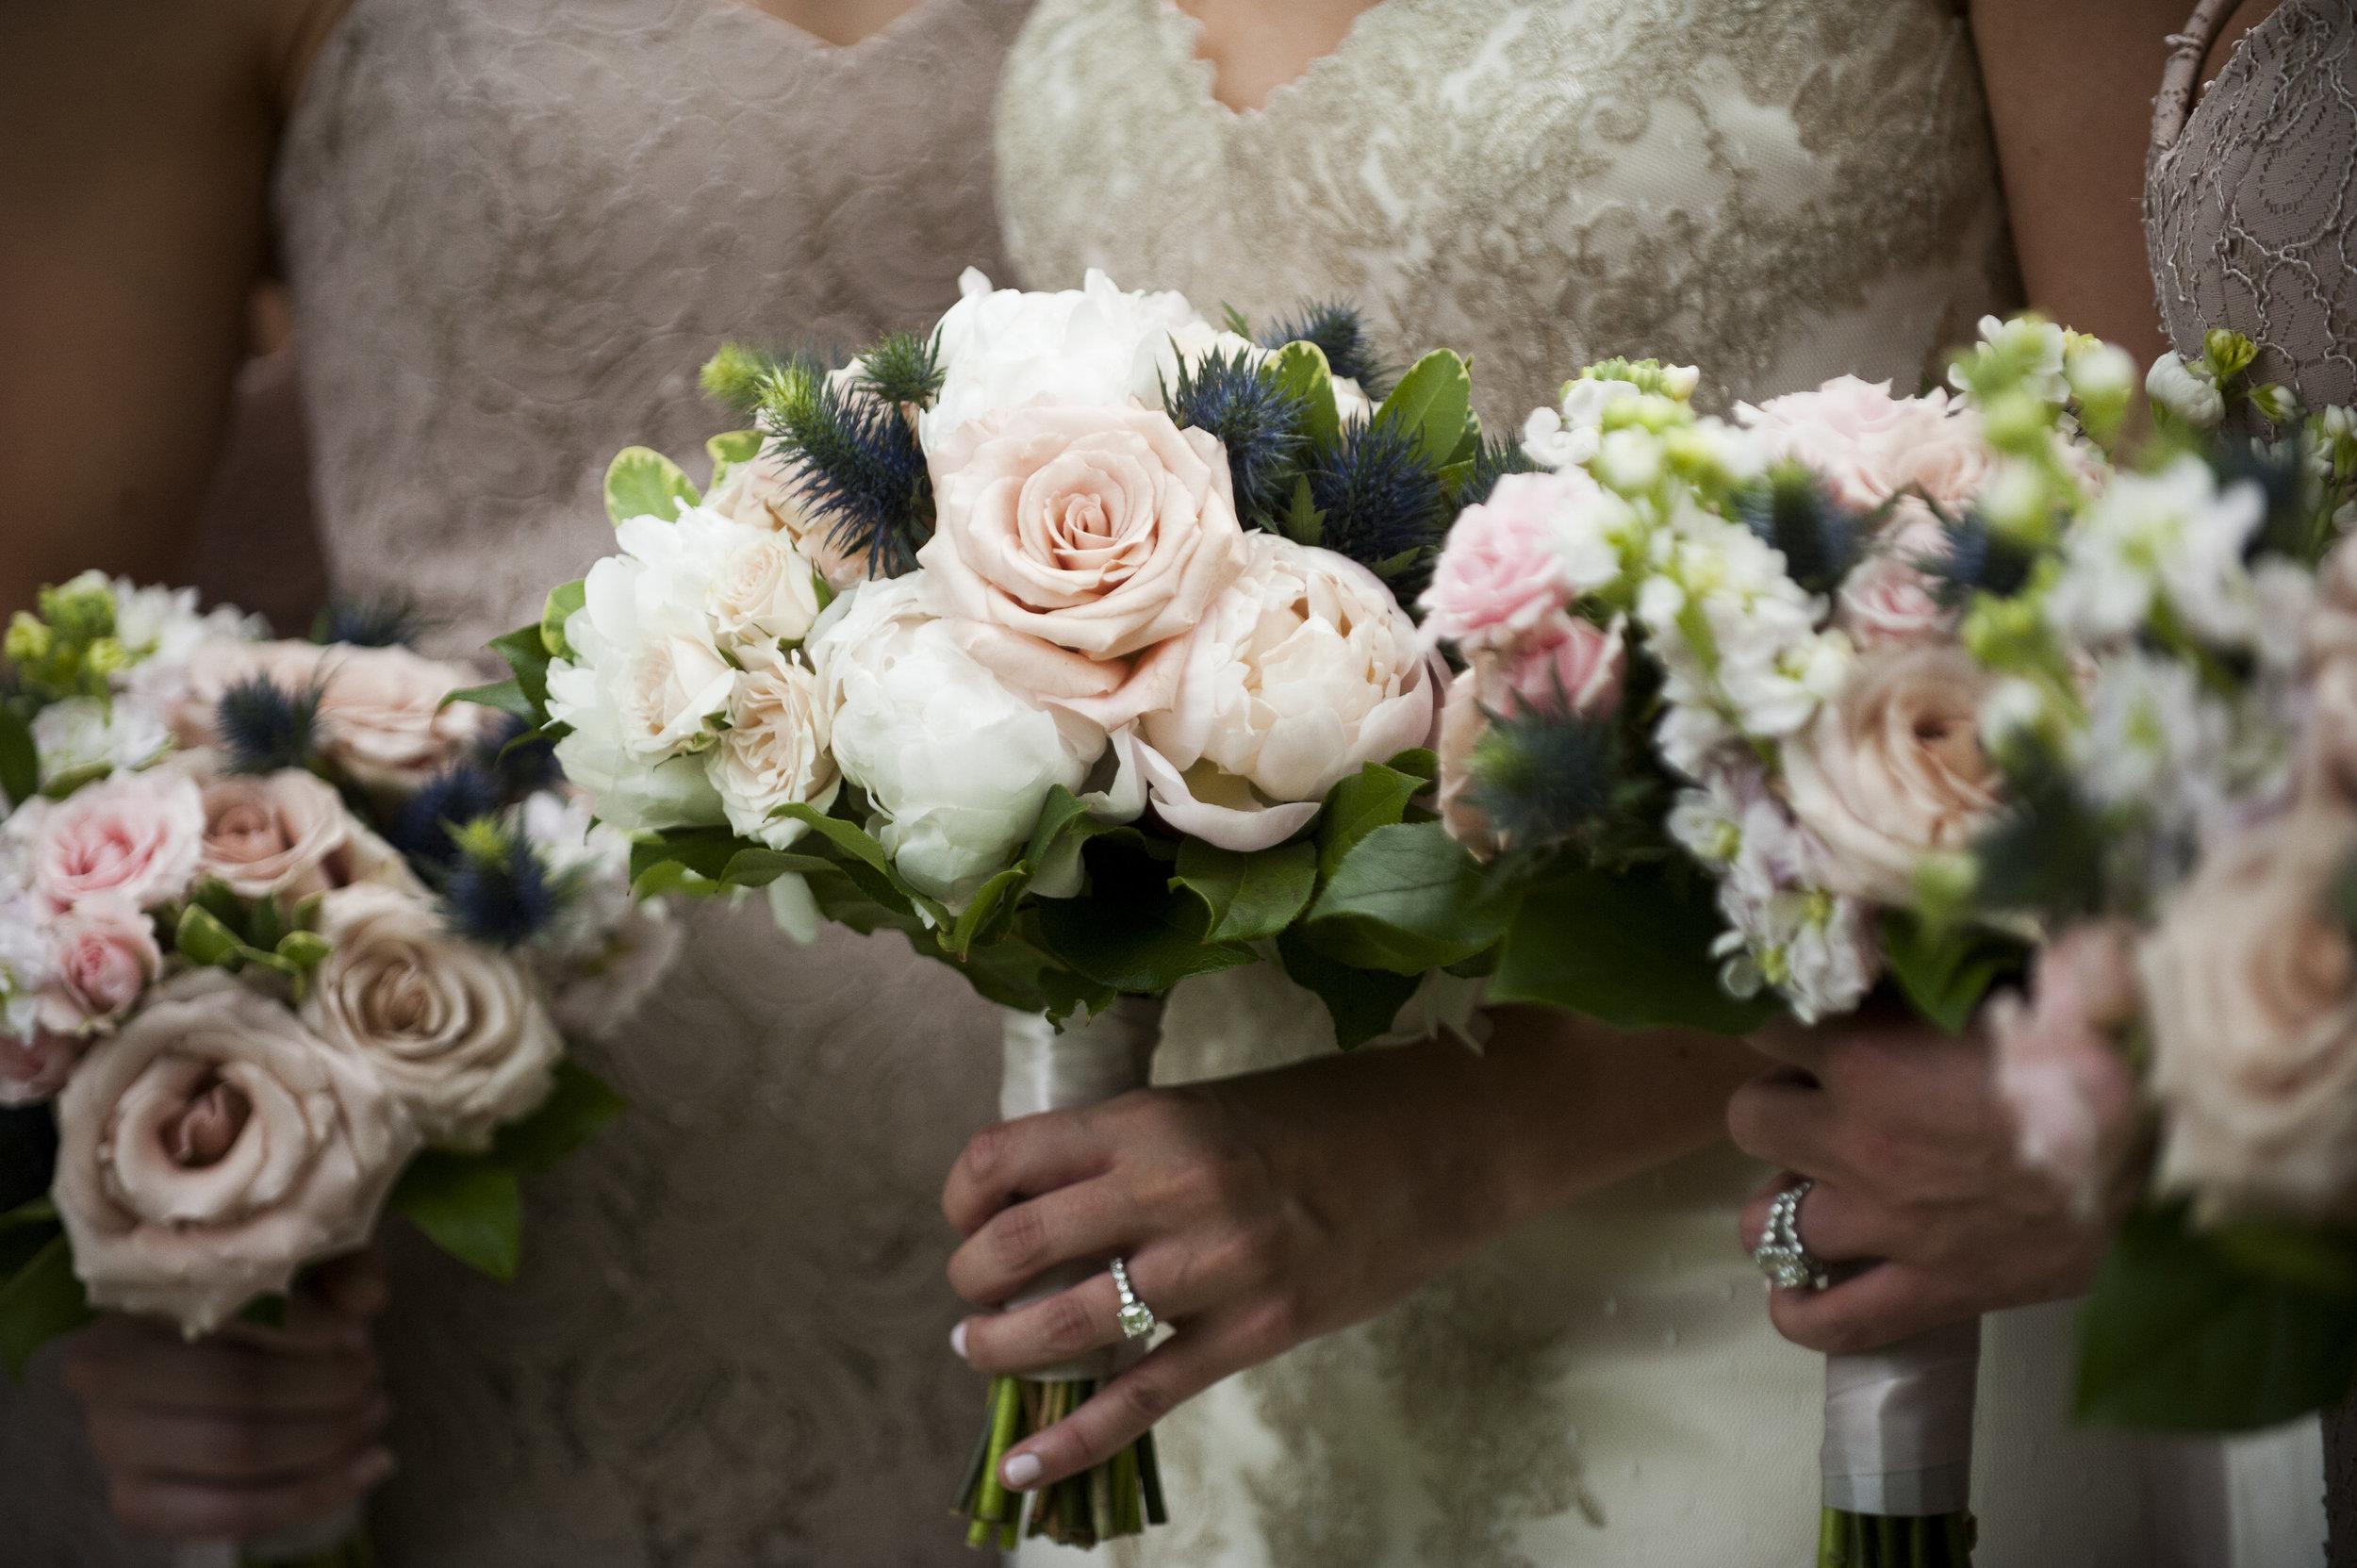 Bridal party bouquet close up